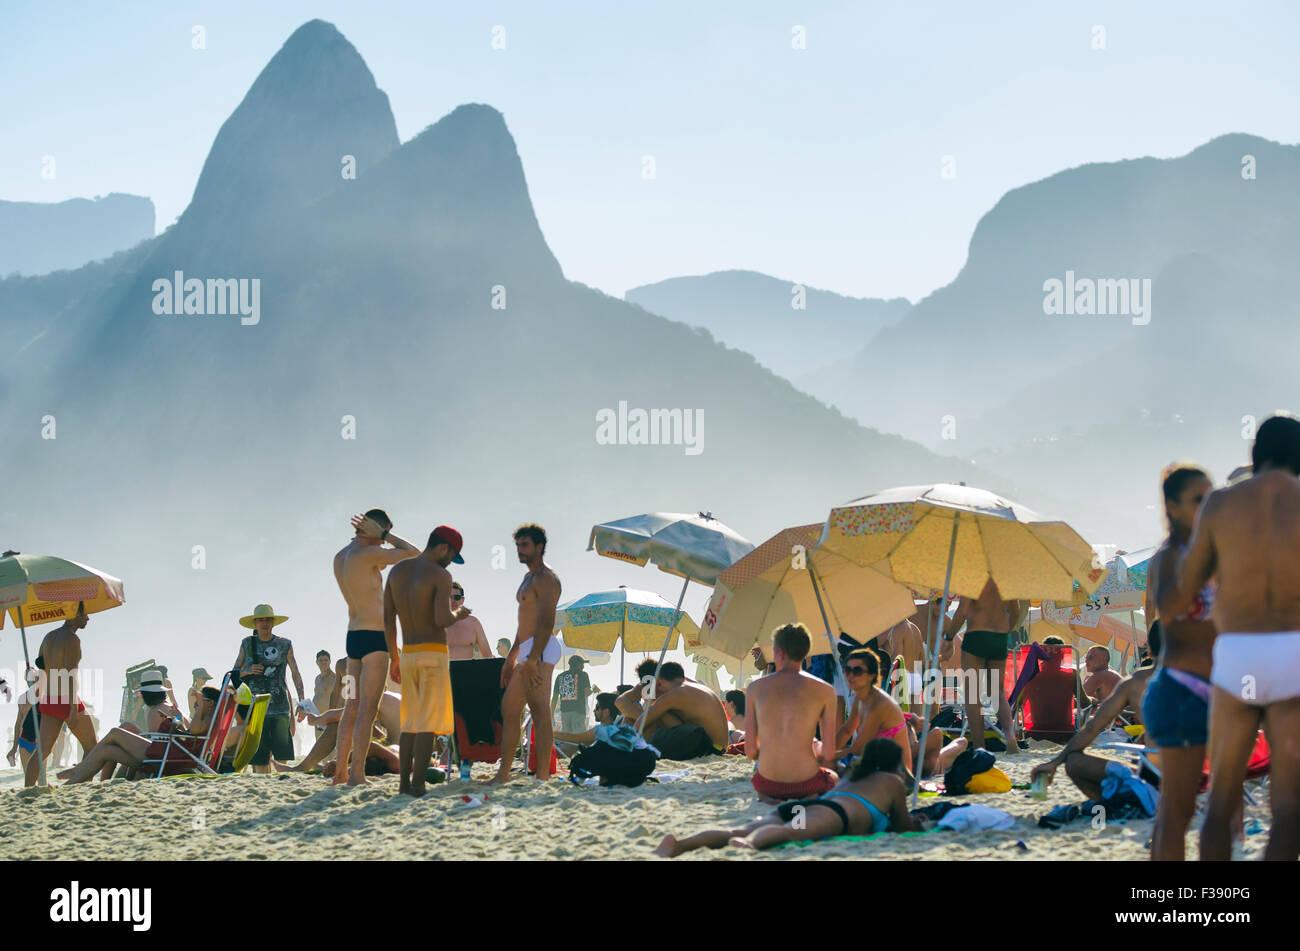 Río de Janeiro, Brasil - 20 de enero de 2013: Los lugareños y visitantes multitud playa de Ipanema, frente Imagen De Stock